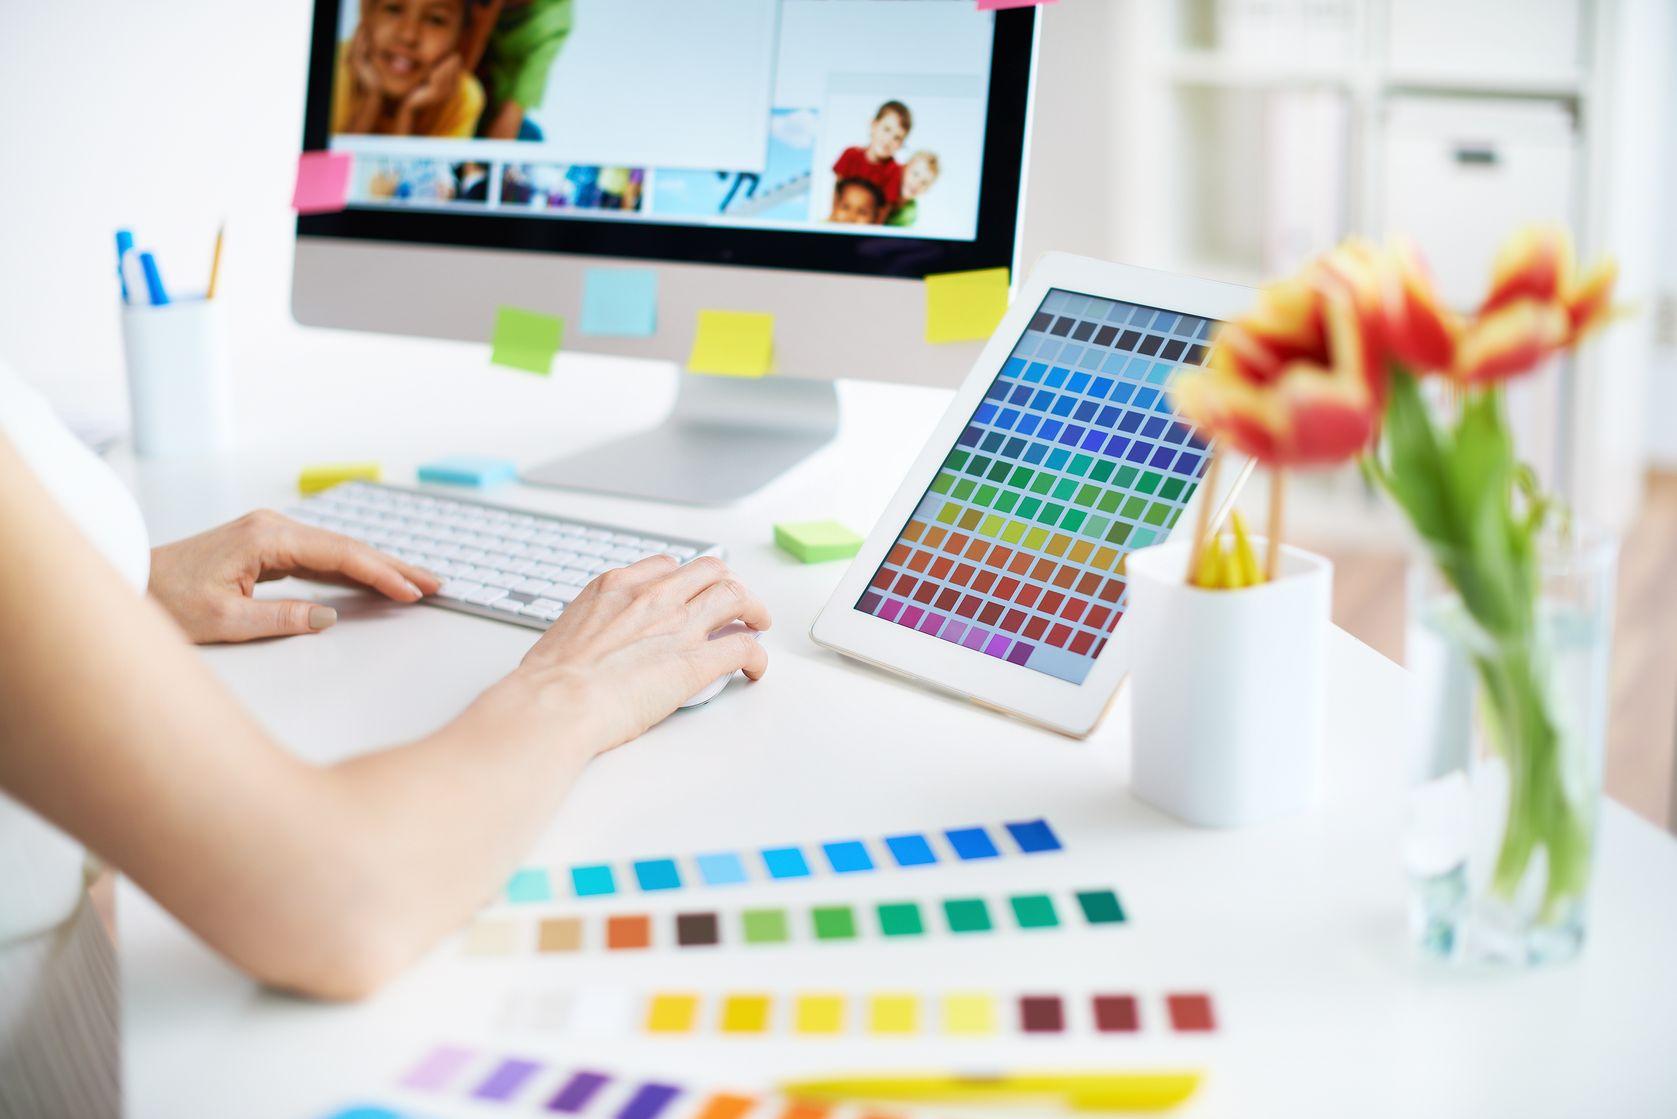 Creamos la imagen corporativa de tu negocio logo tarjetas folletos diseño moderno